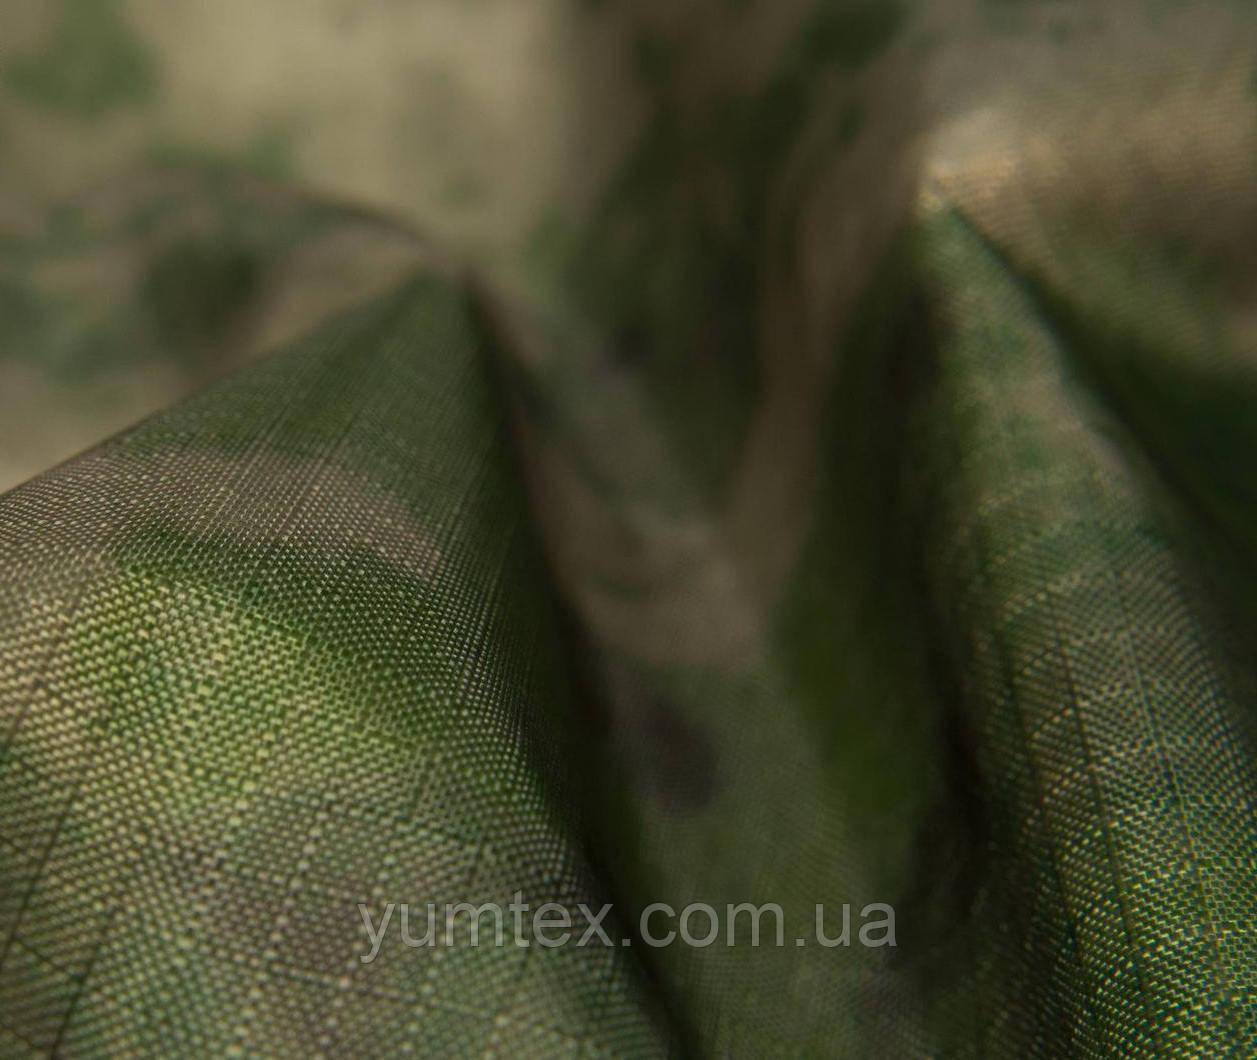 Ткань для тентов палаток качелей маркиз зонтов рип-стоп